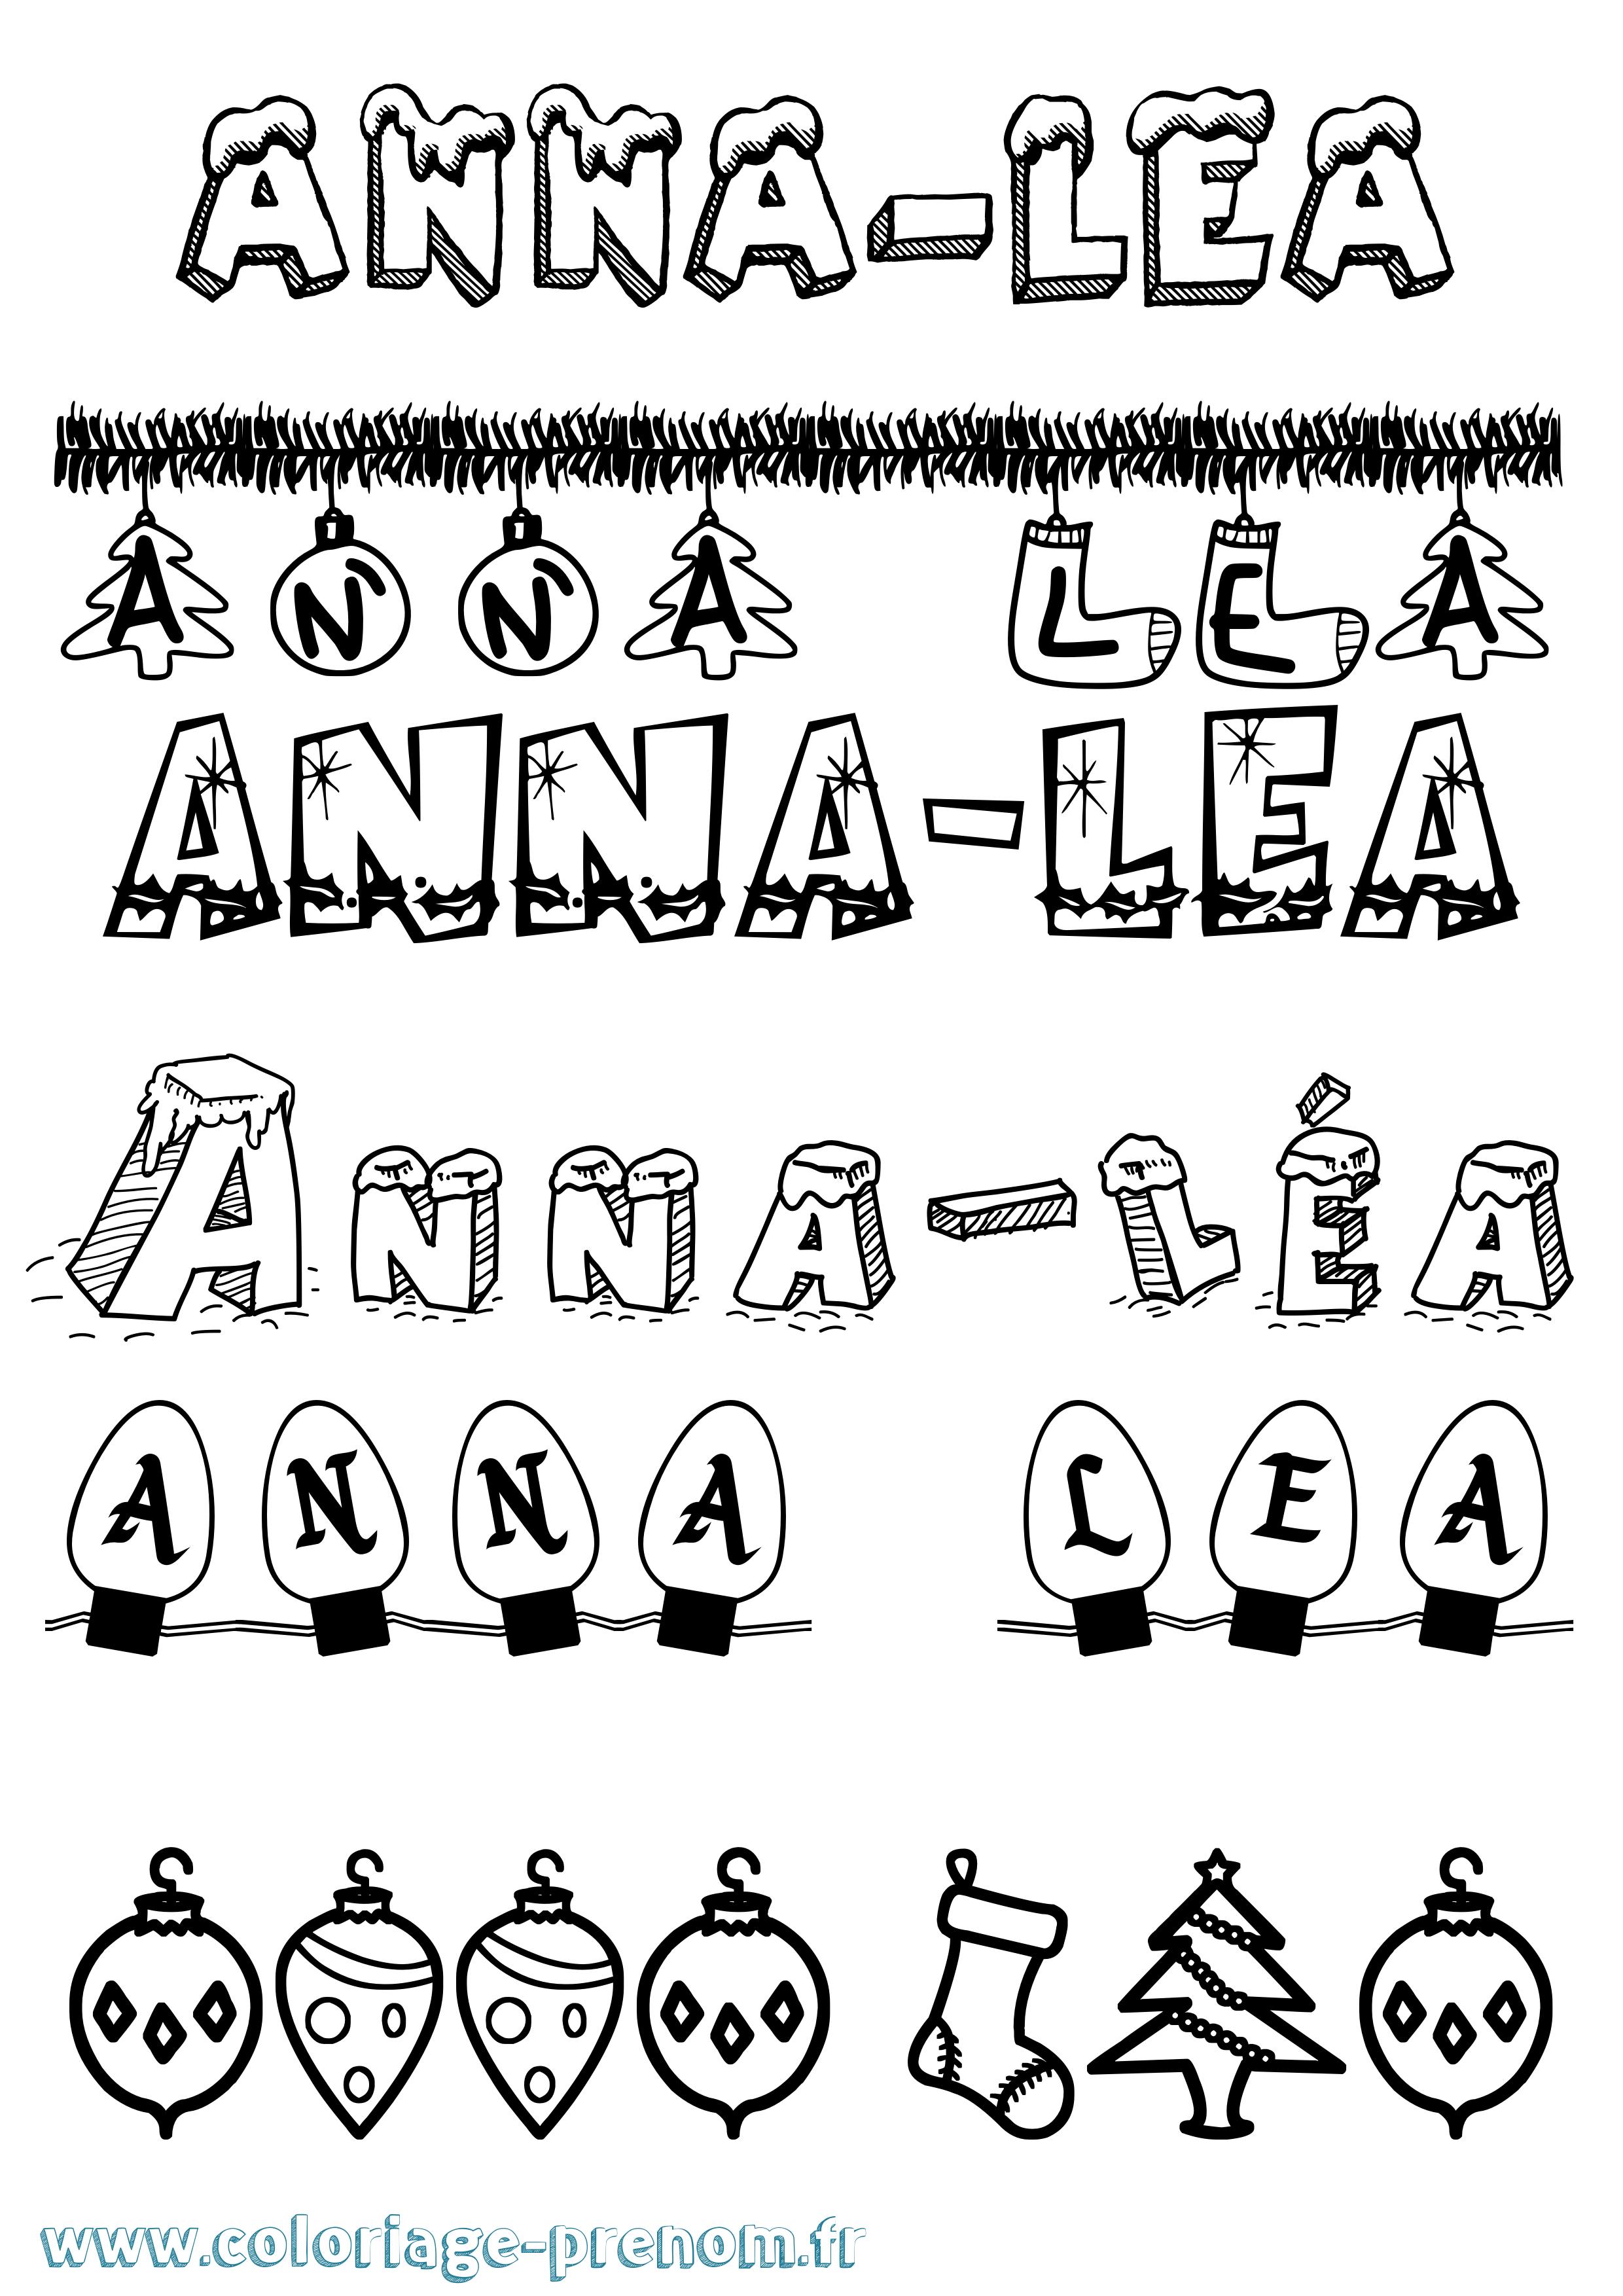 Coloriage du prénom Anna-léa : à Imprimer ou Télécharger ...